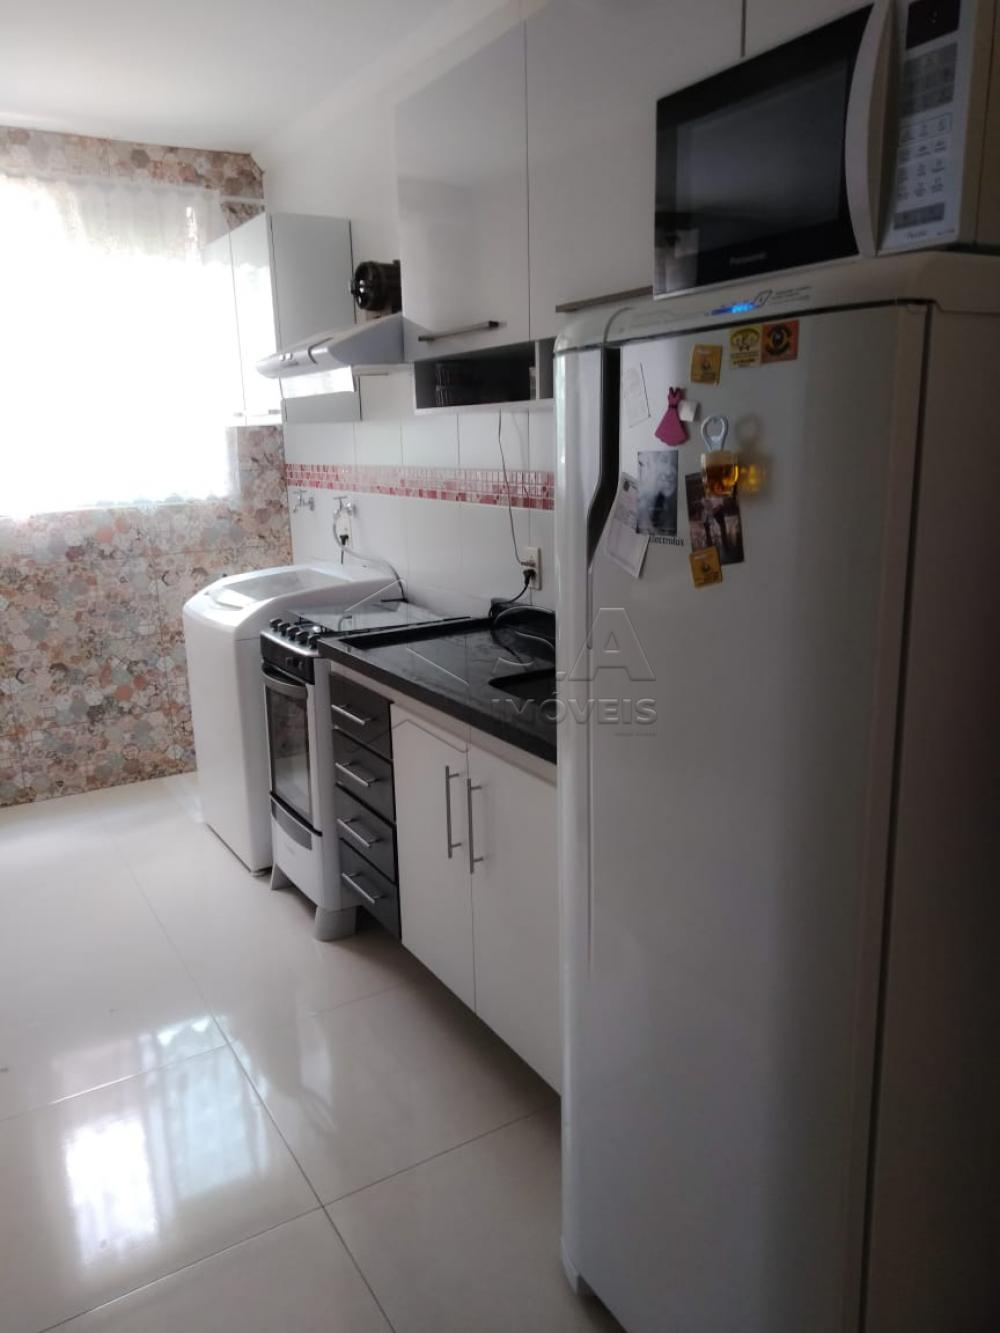 Comprar Apartamento / Padrão em Botucatu apenas R$ 135.000,00 - Foto 8